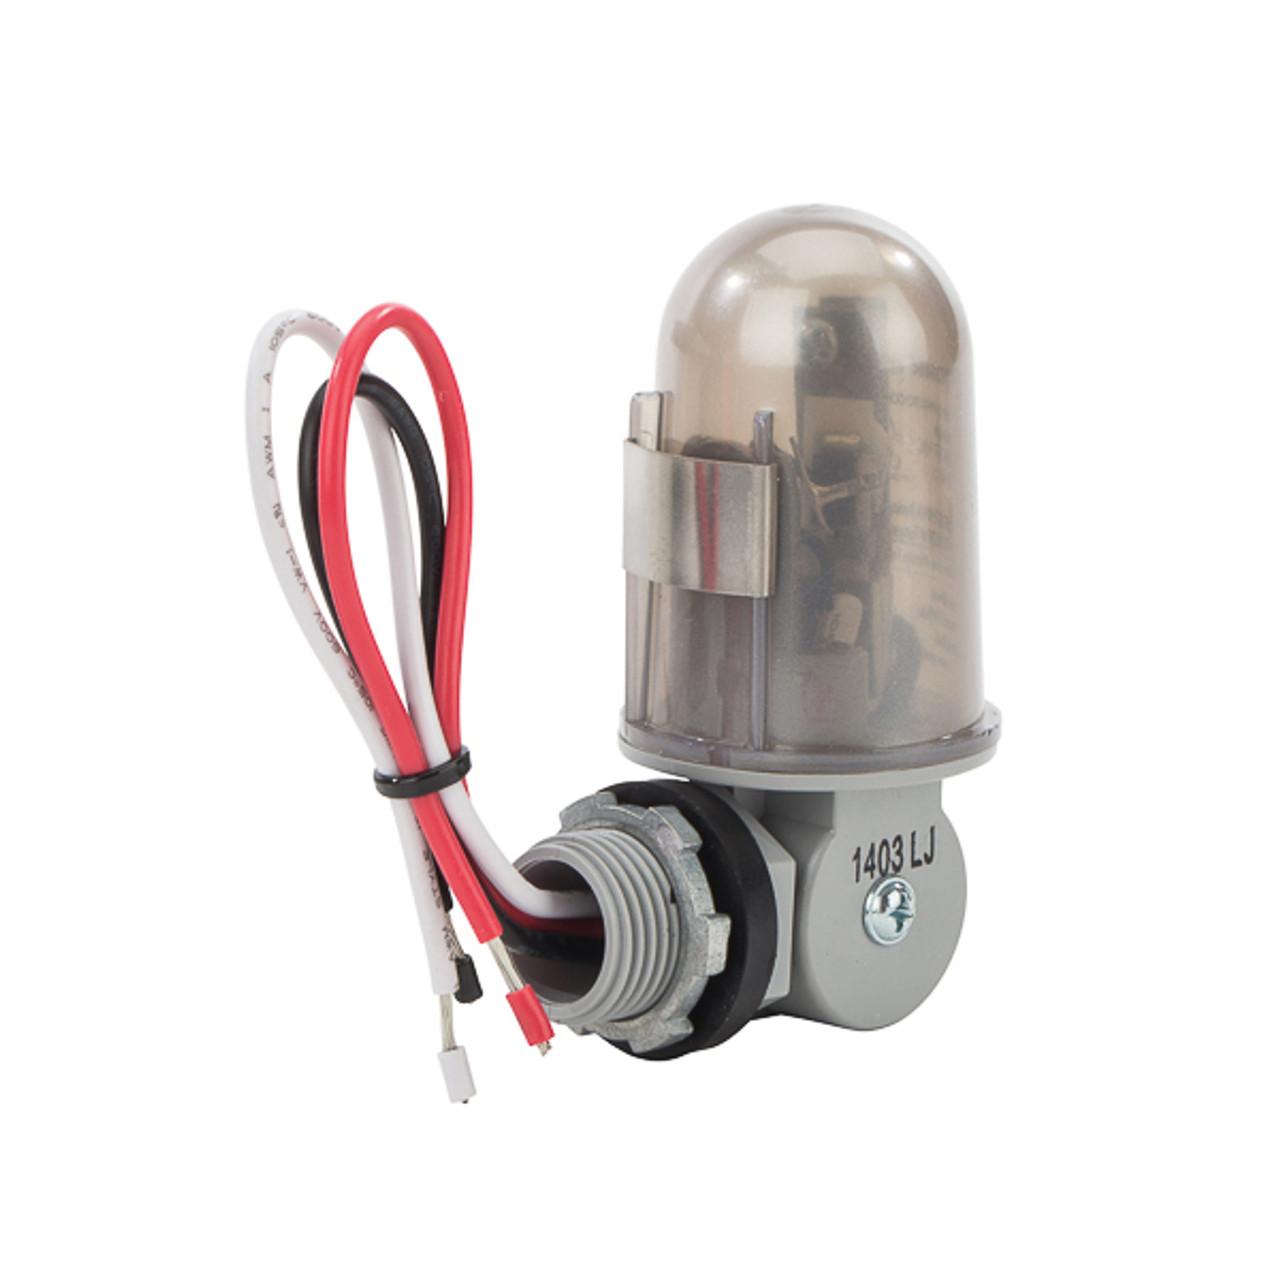 Tork 2002 208-277v SPST 2000w Photo Control Switches